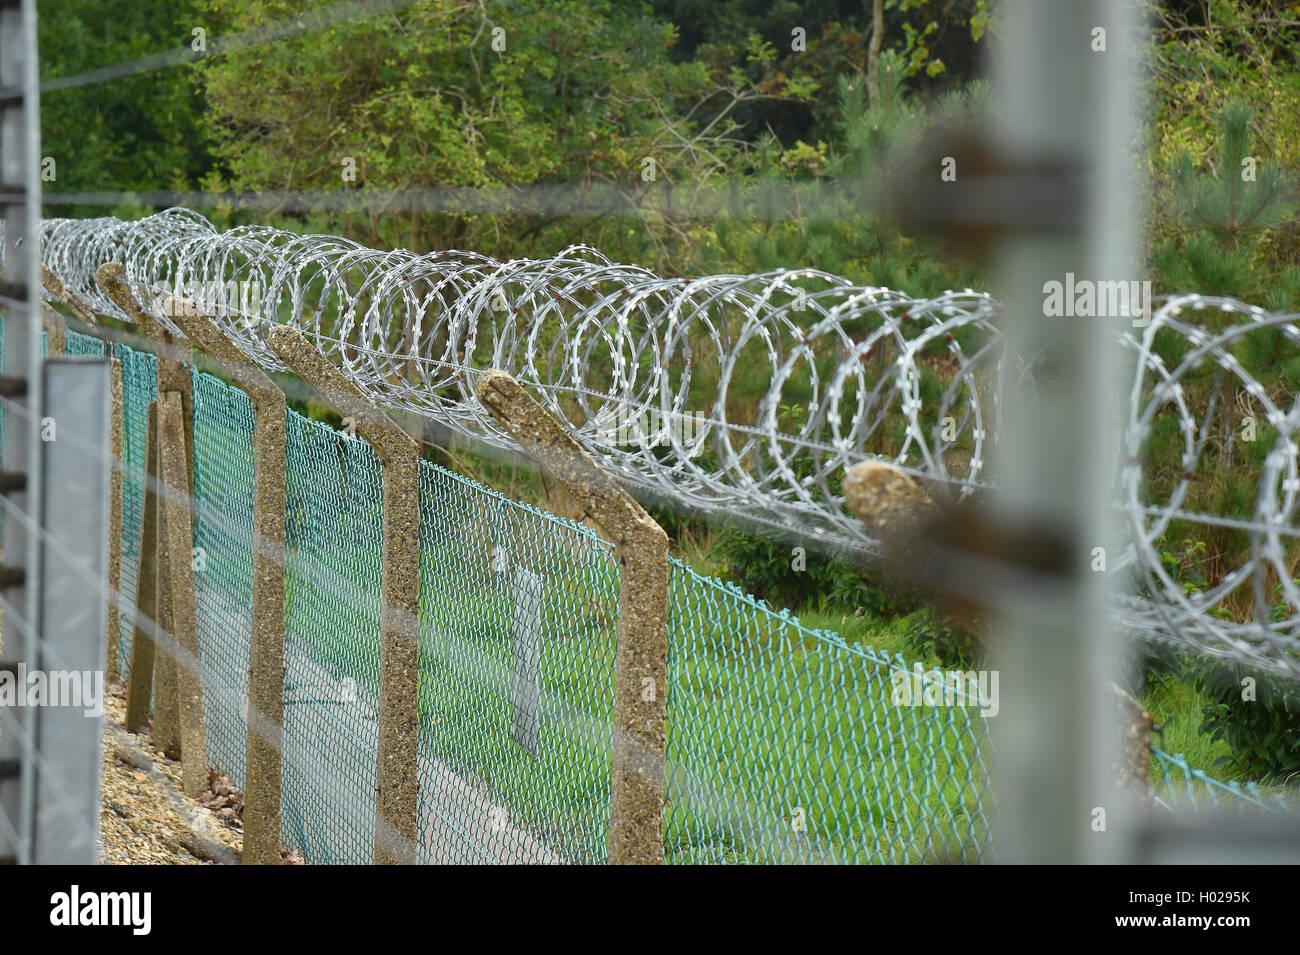 Elettrificate recinzione di sicurezza una buona profondità di messa a fuoco selettiva dell'immagine. Immagini Stock